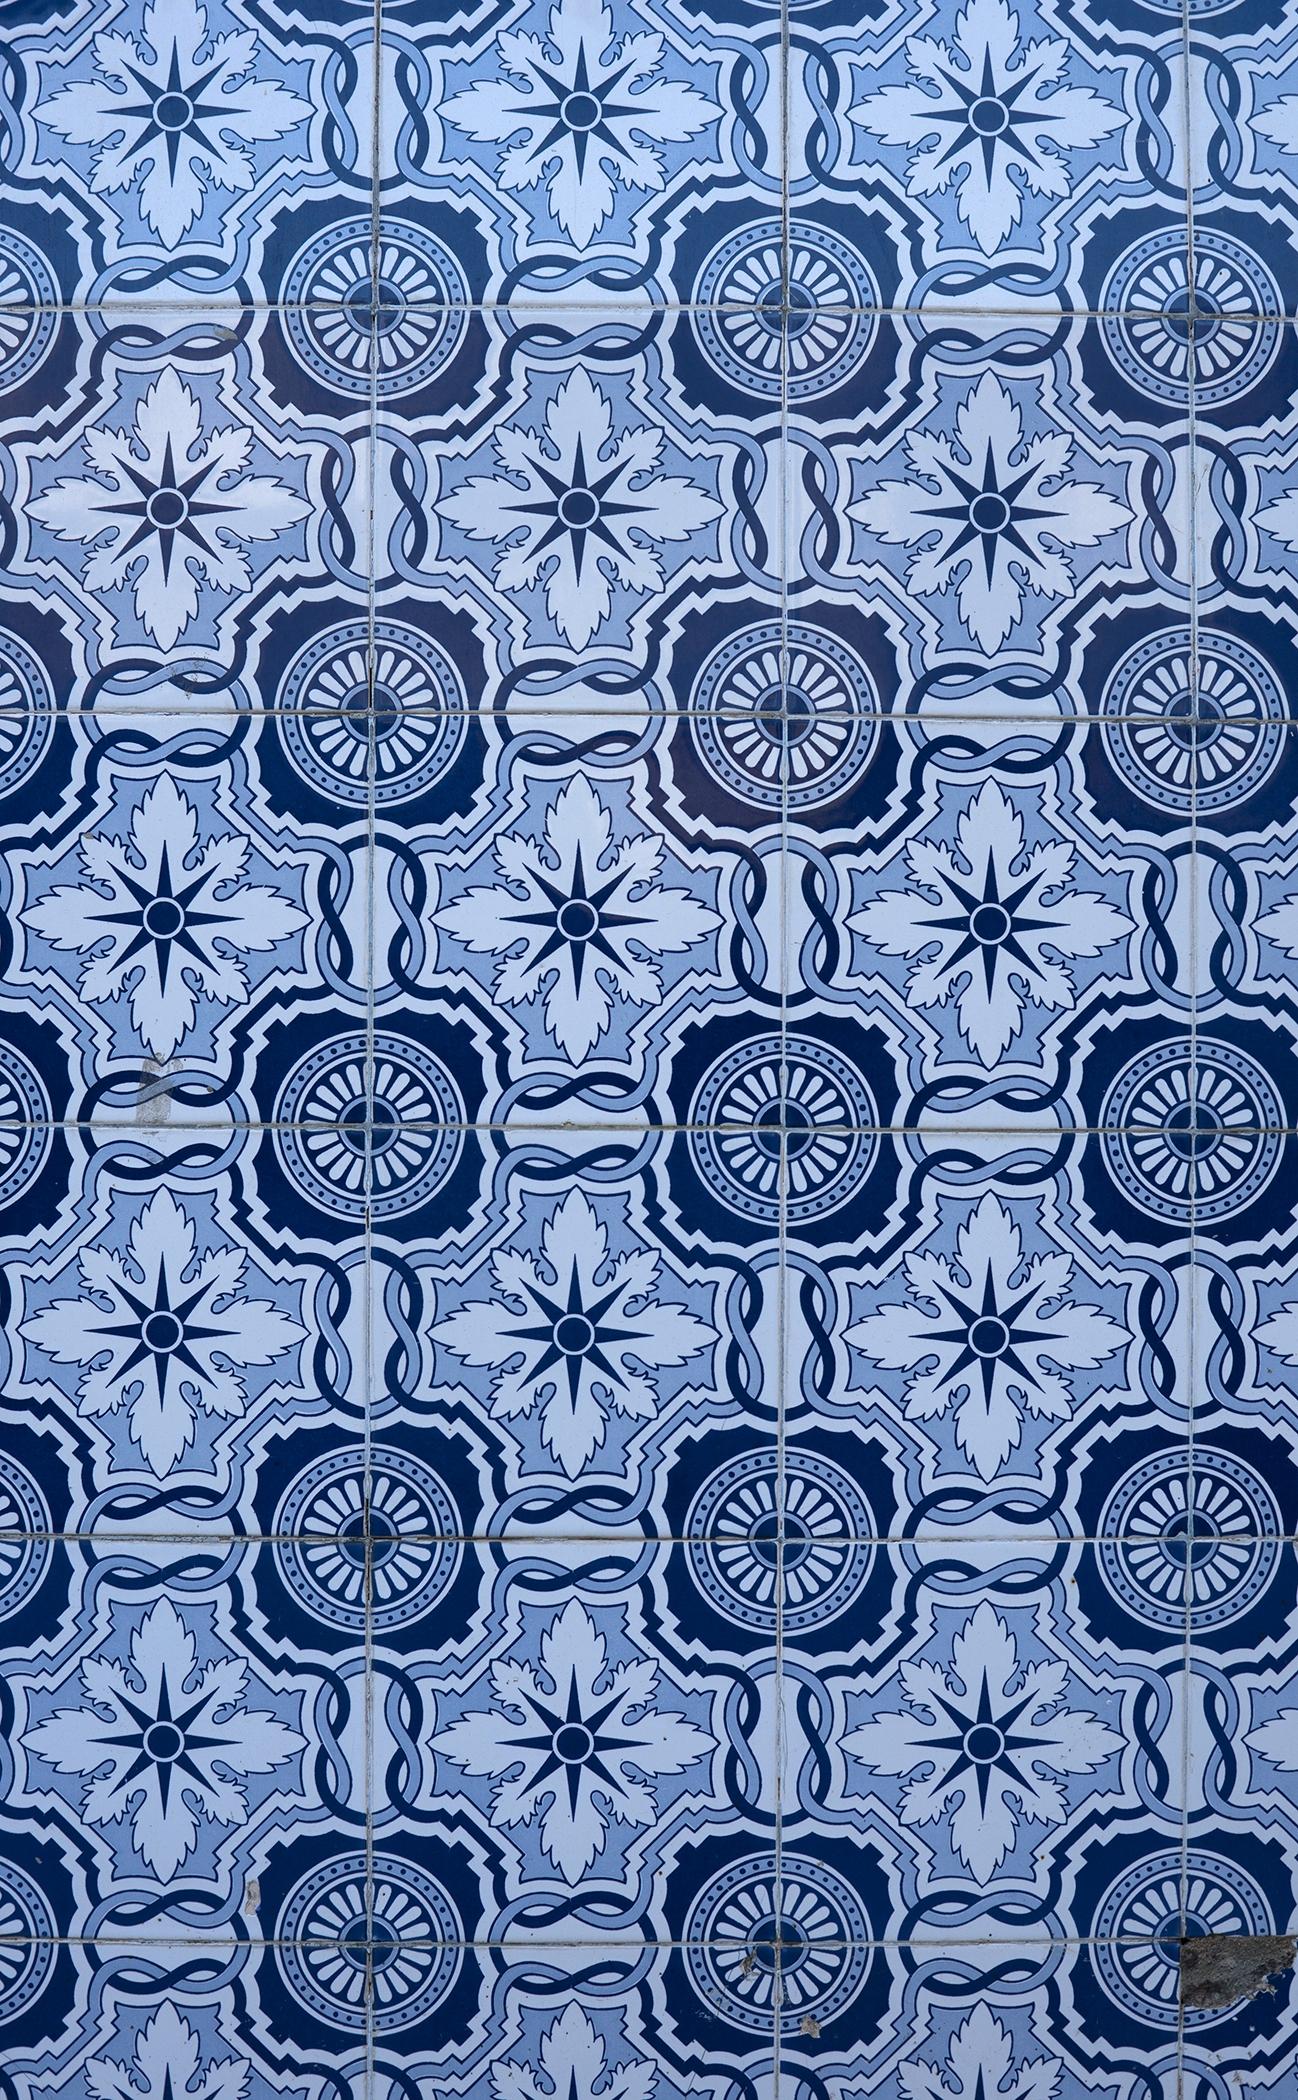 Azulejos Portugal serait-ce plé - gclavet | ello